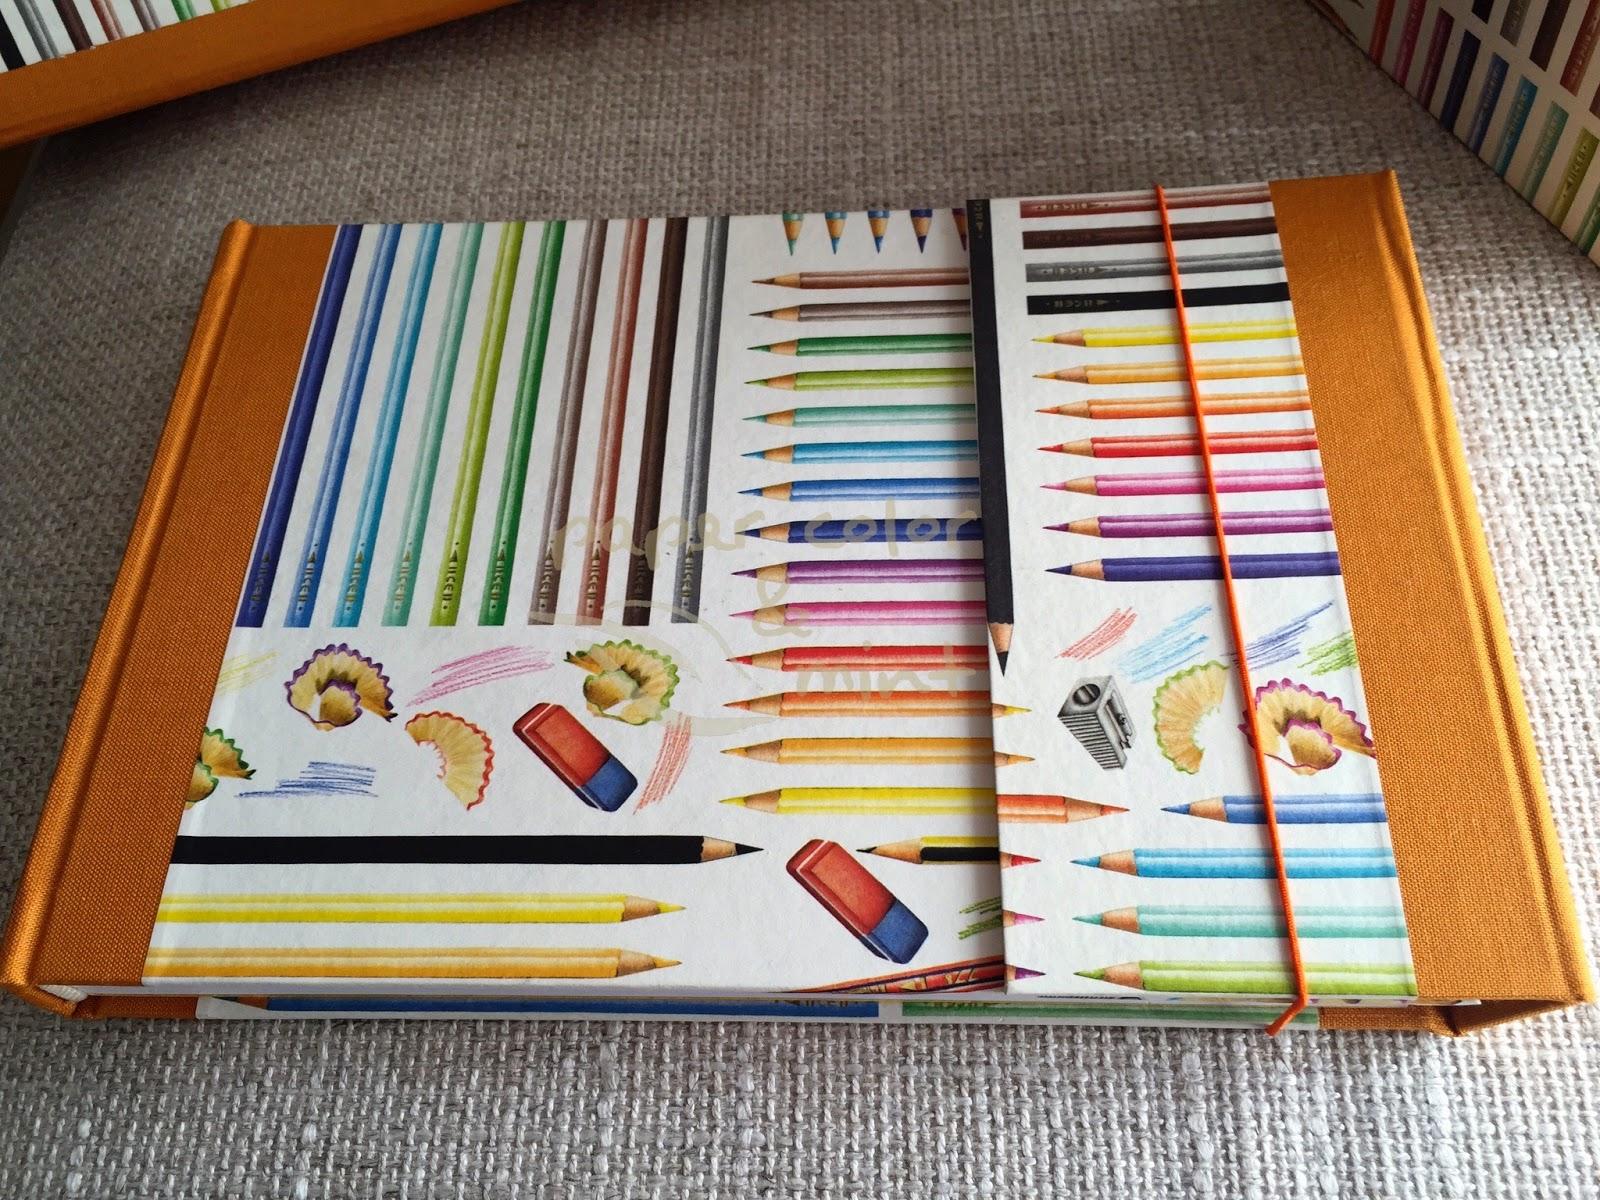 Cartonnage cartonaje Juego de escritorio Cuaderno Tassotti